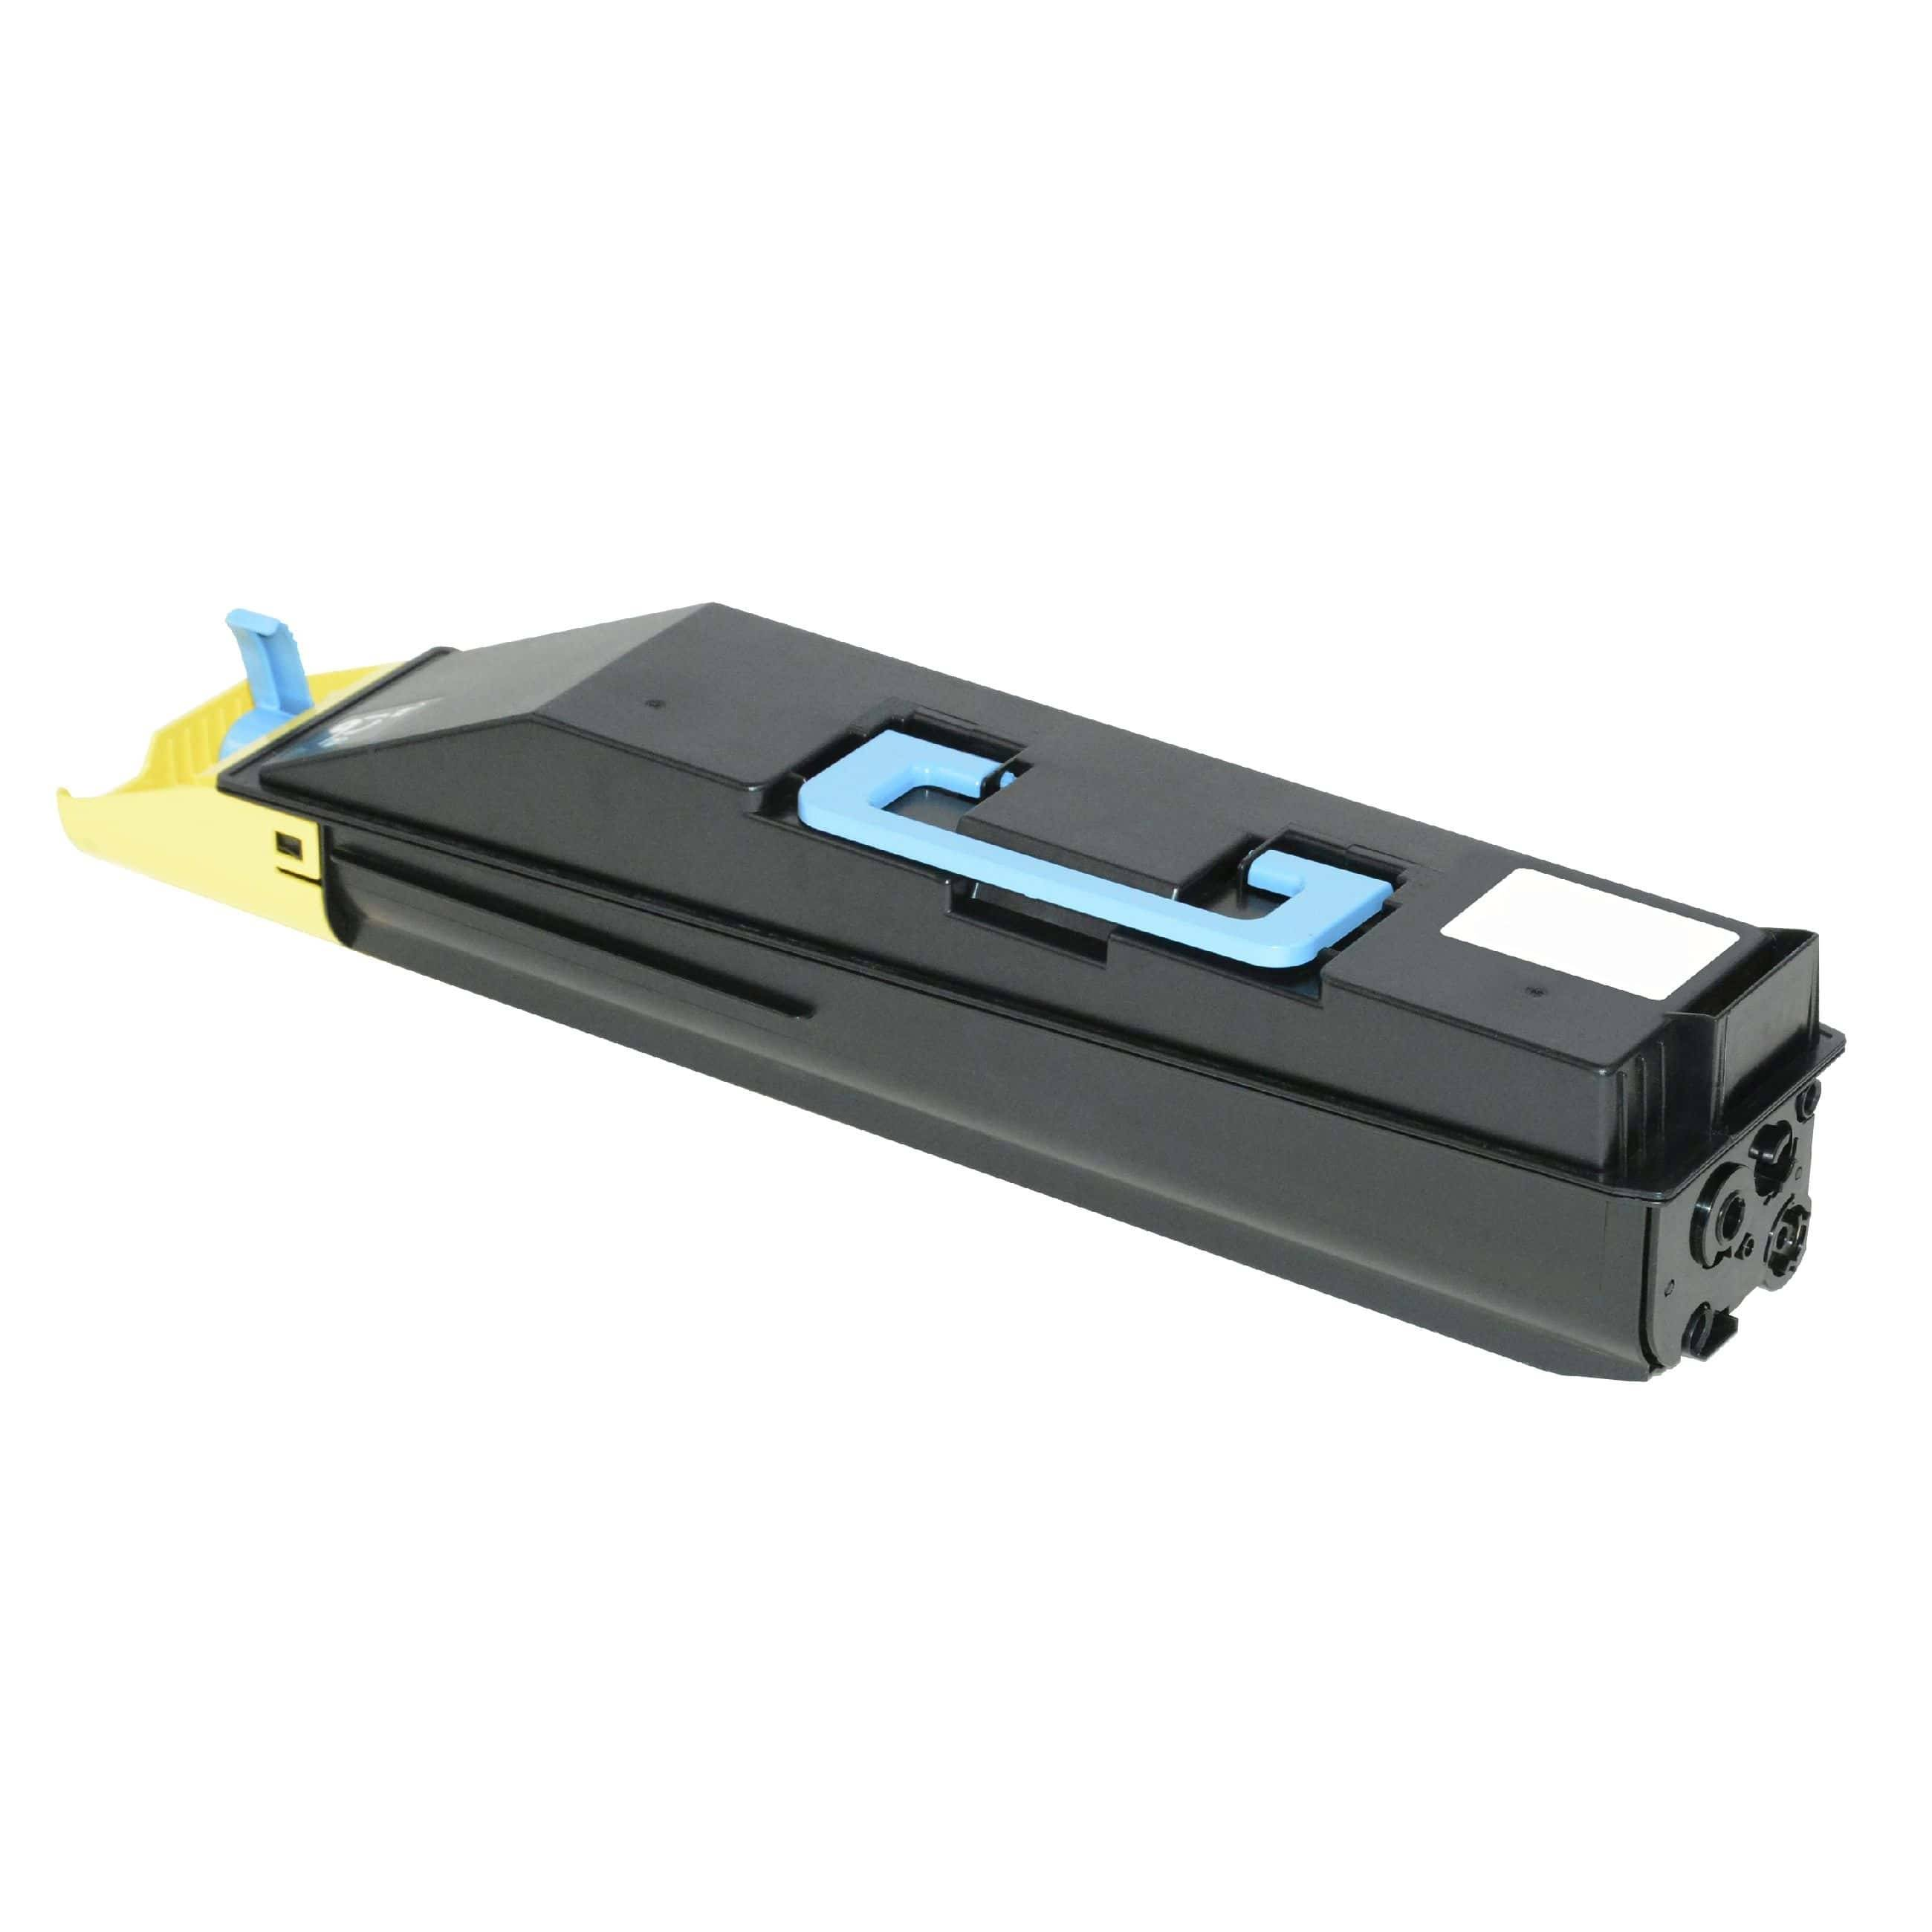 Utax Cartouche de Toner pour Utax 652510016 jaune compatible (de marque ASC)